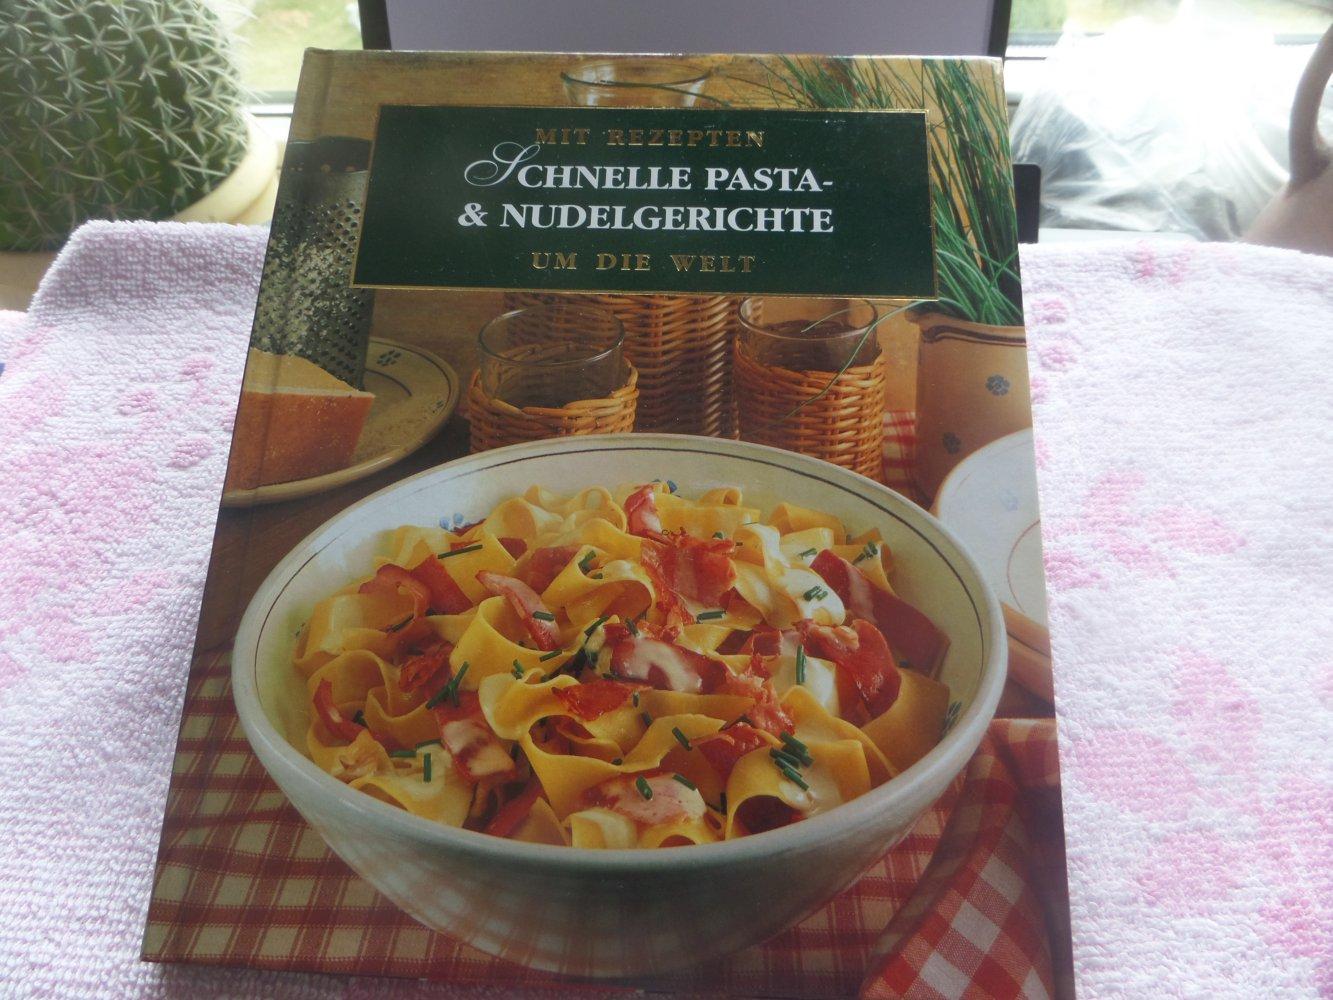 Buch schnelle pasta und nudelgerichte um die welt for Schnelle gerichte buch